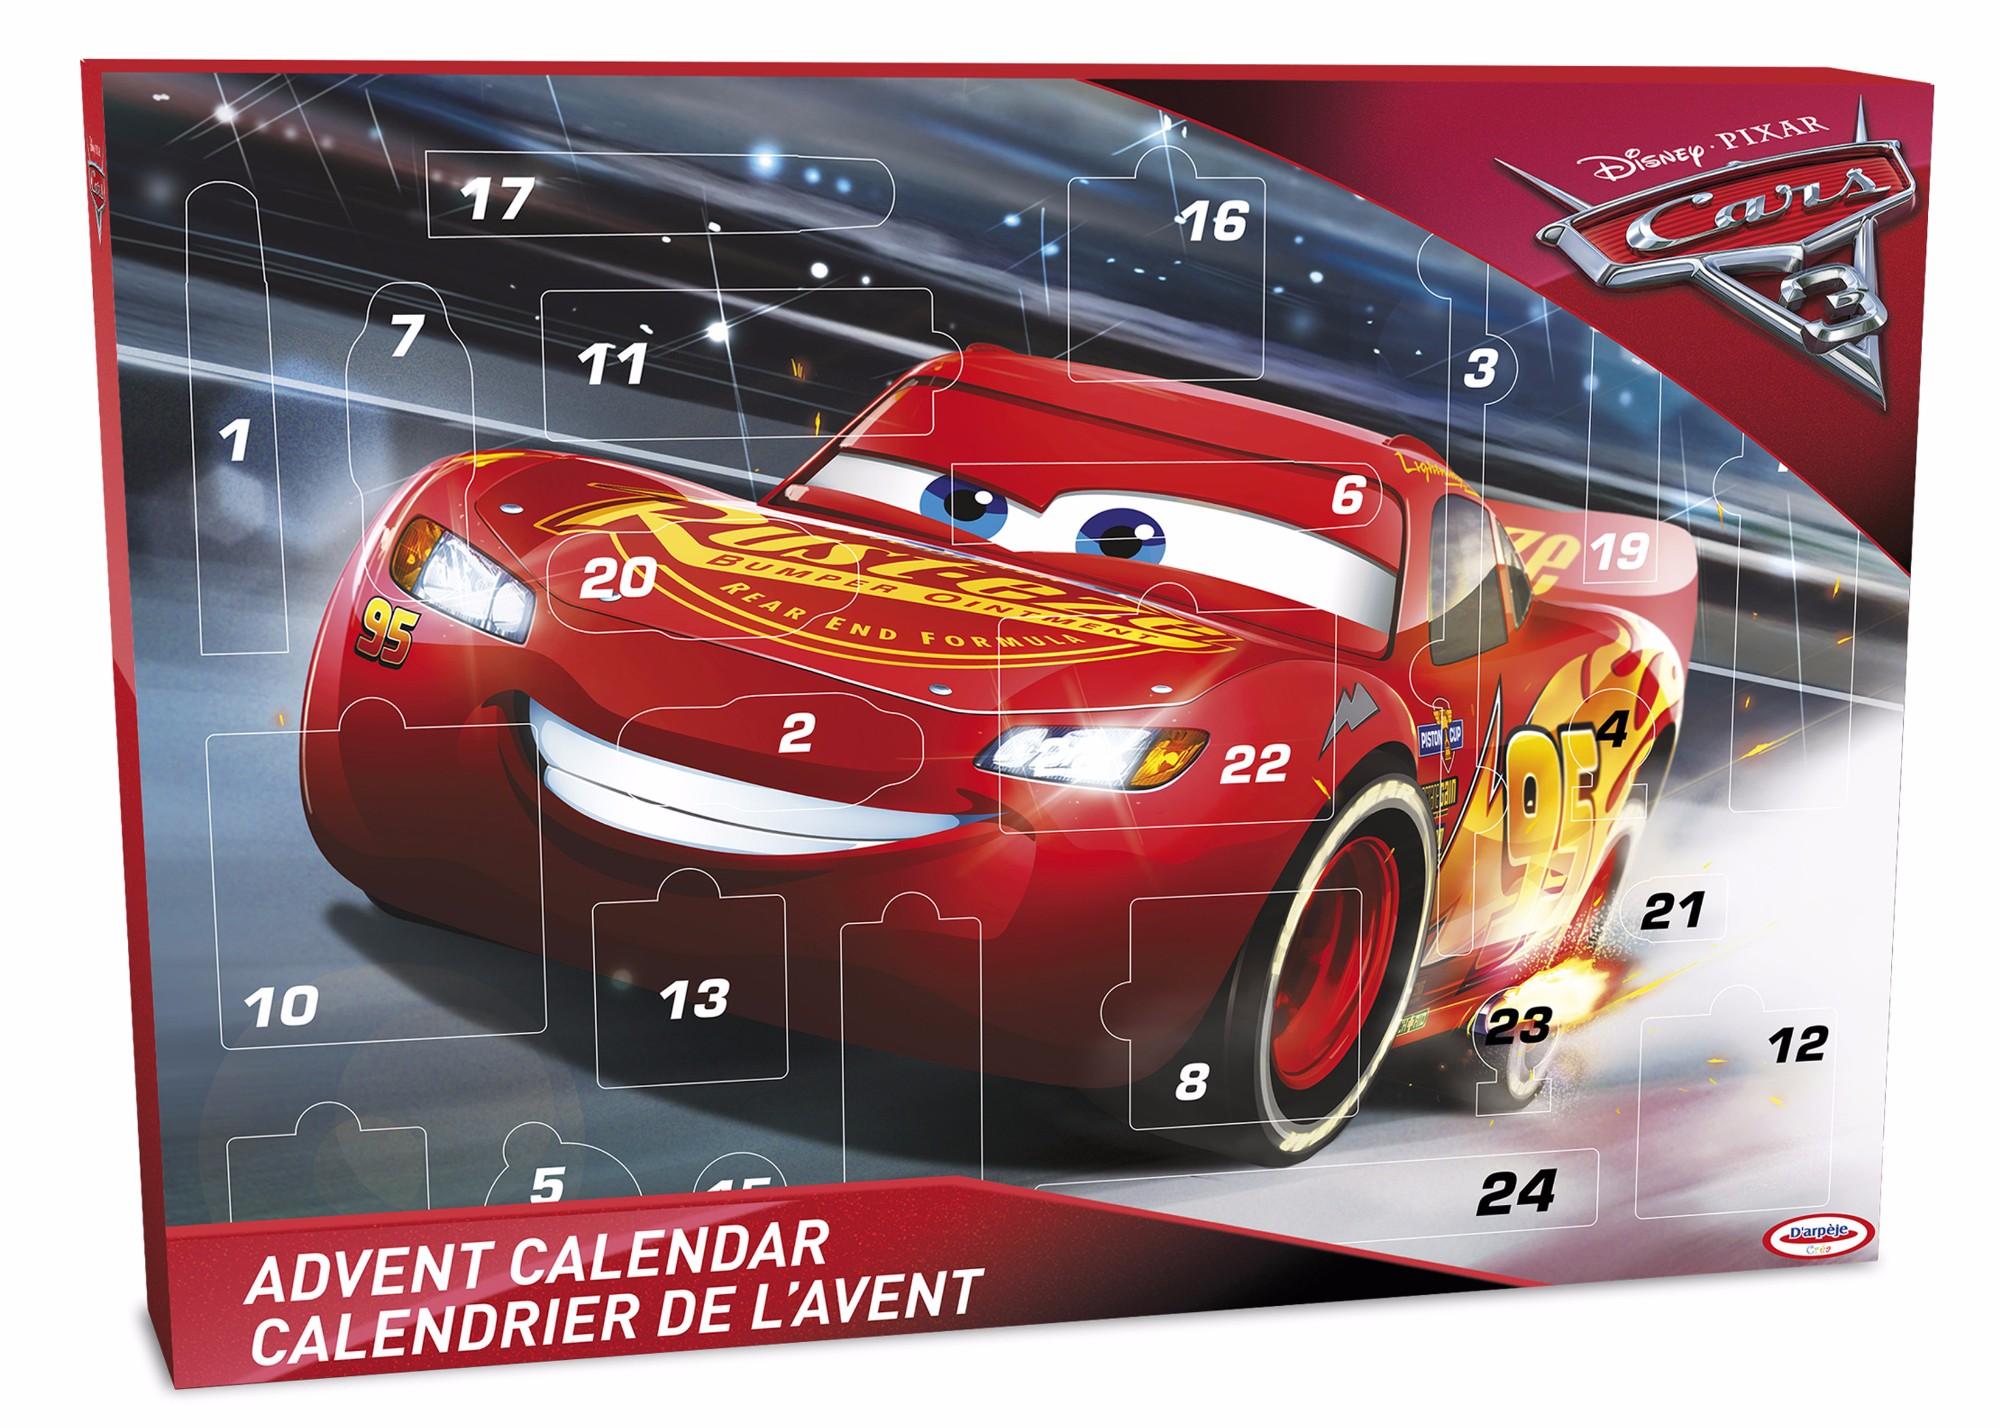 Advento kalendorius-kūrybinis rinkinys Cars 4-11 metų vaikams (299042)